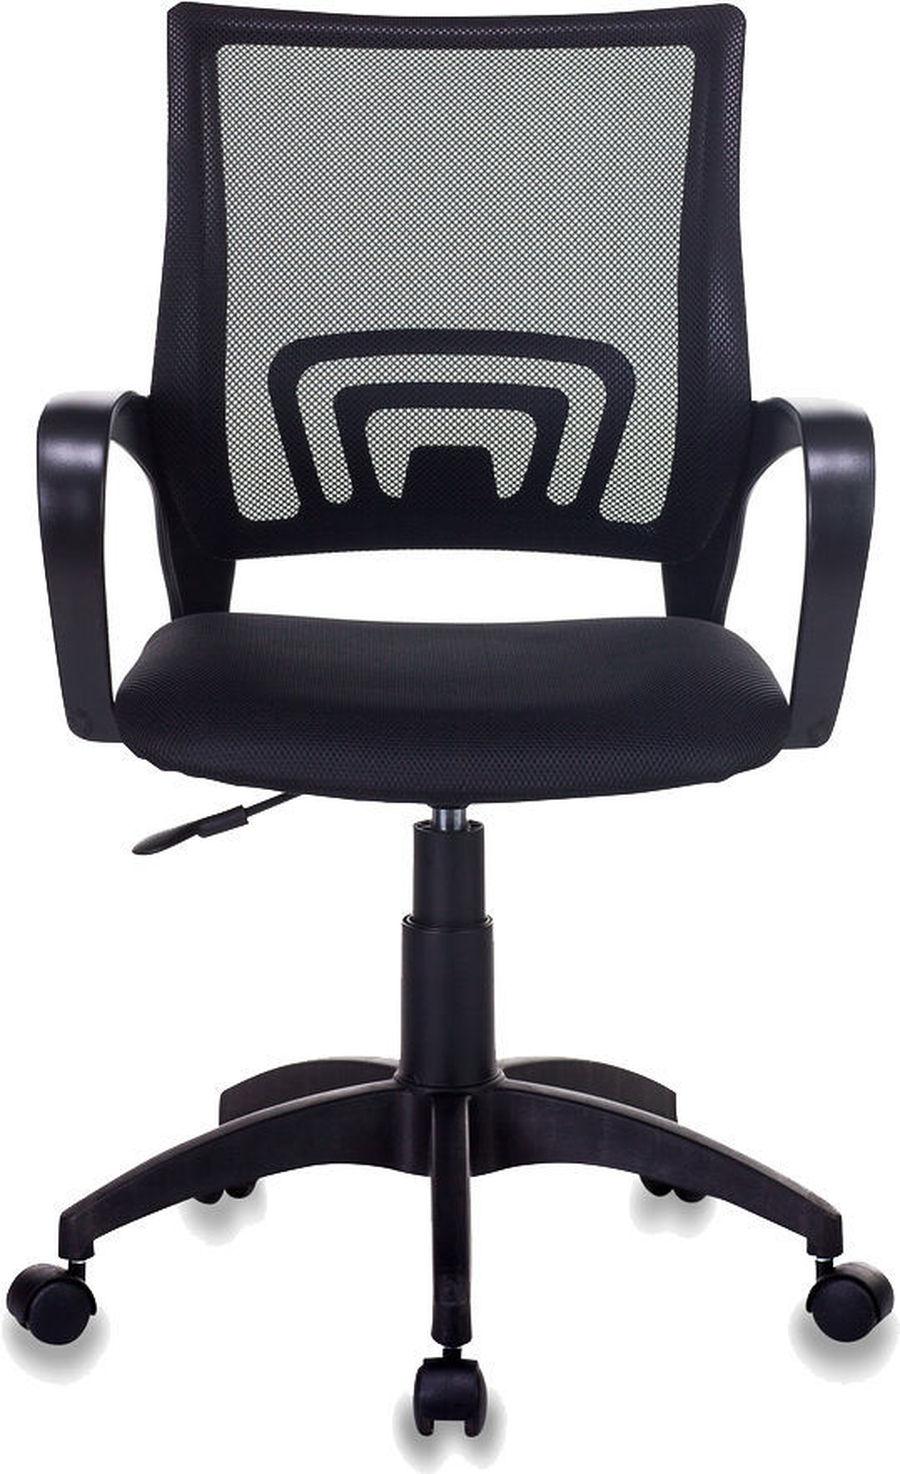 Офисное кресло KC-1LT/Сиденье ткань TW-11 (черная)/Cпинка сетка TW-01 (черная) купить, цены в Москве на goods.ru